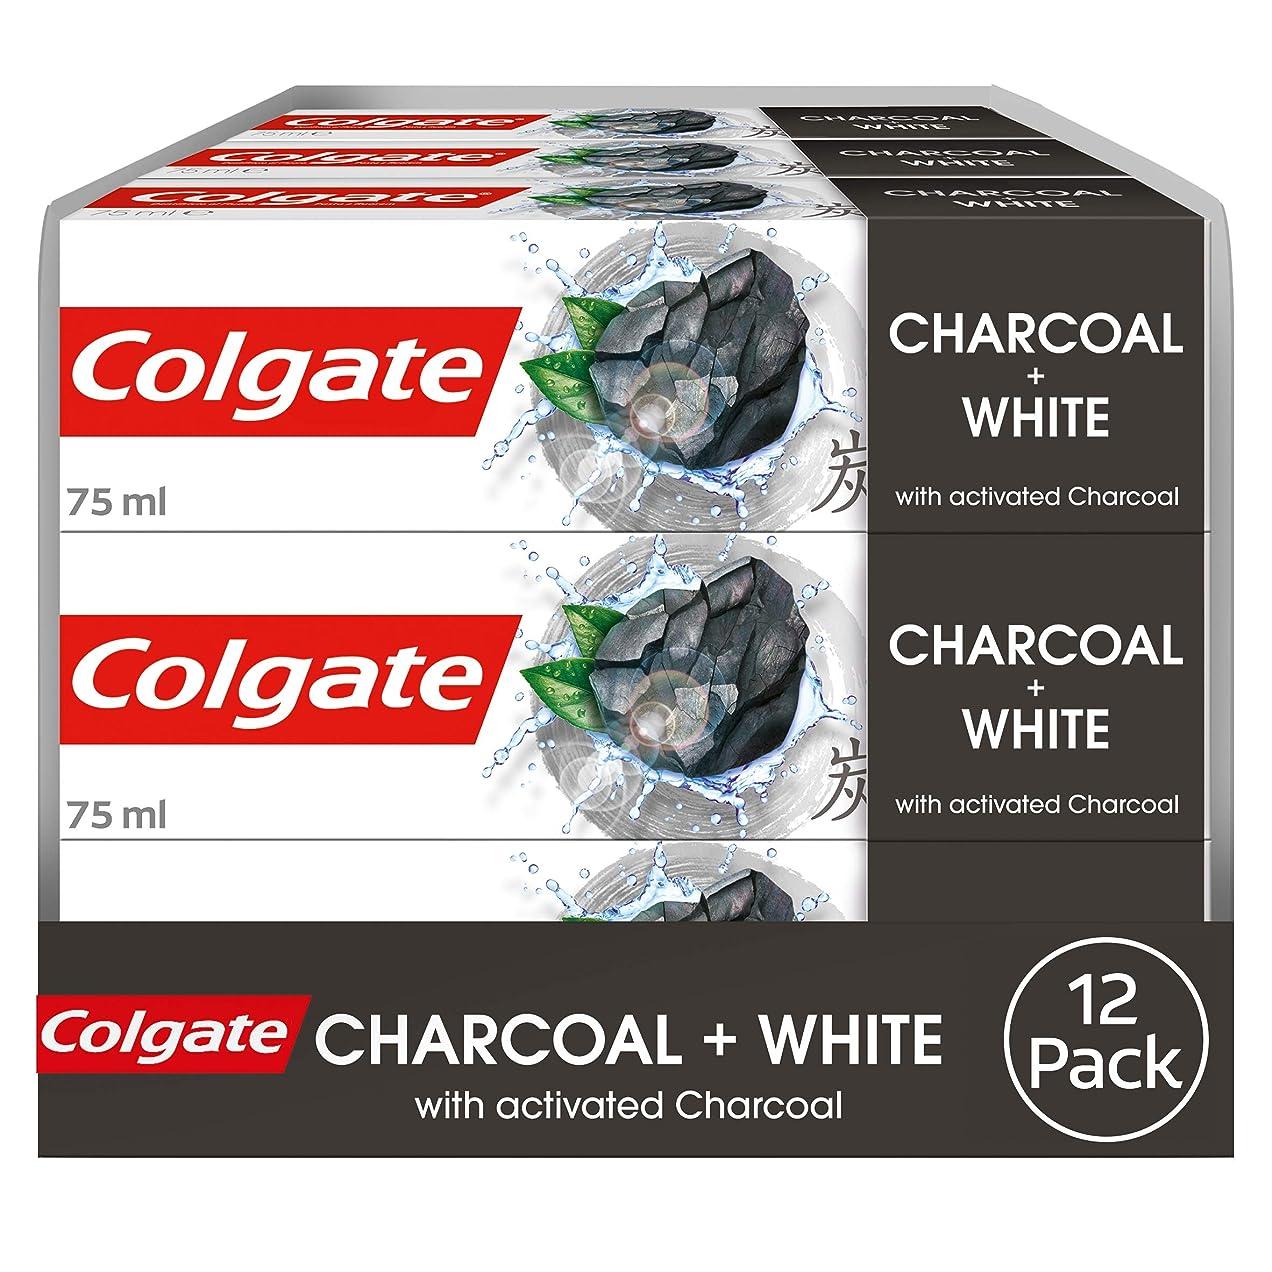 与える香り素朴な[Colgate ] コルゲート天然抽出物の炭+ホワイト歯磨き粉75ミリリットル - Colgate Natural Extracts Charcoal Plus White Toothpaste 75Ml [並行輸入品]